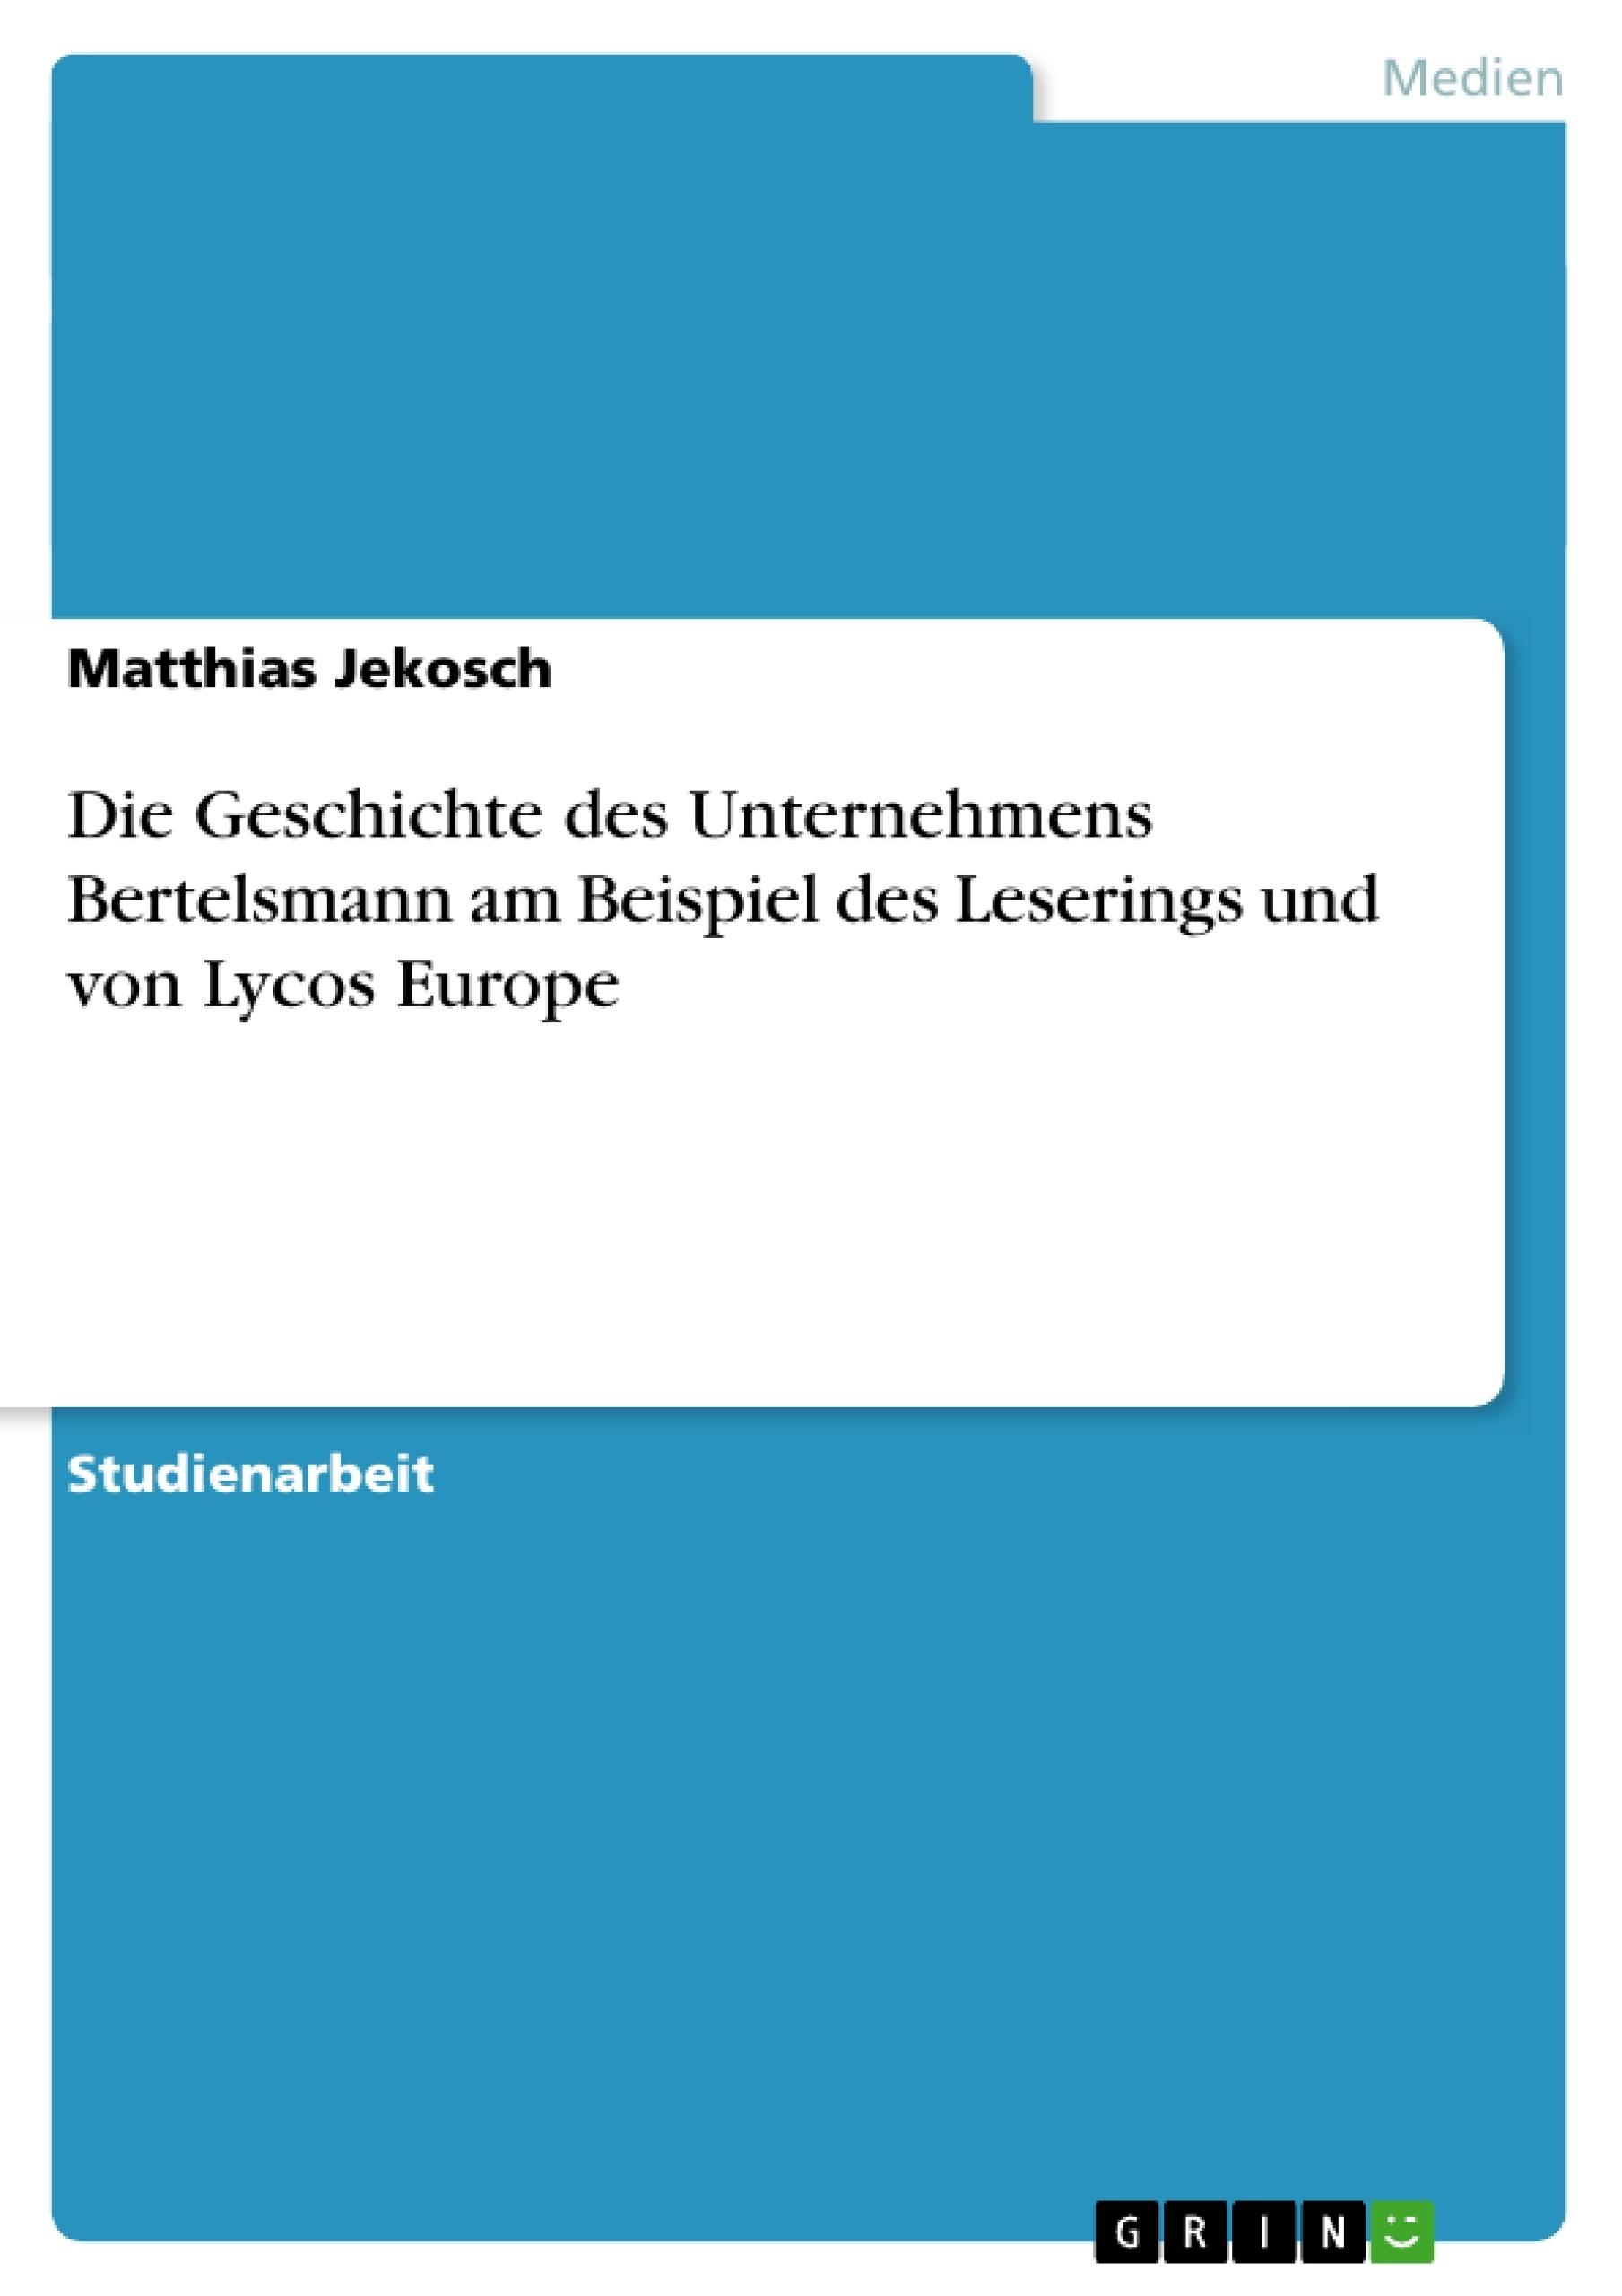 Titel: Die Geschichte des Unternehmens Bertelsmann am Beispiel des Leserings und von Lycos Europe